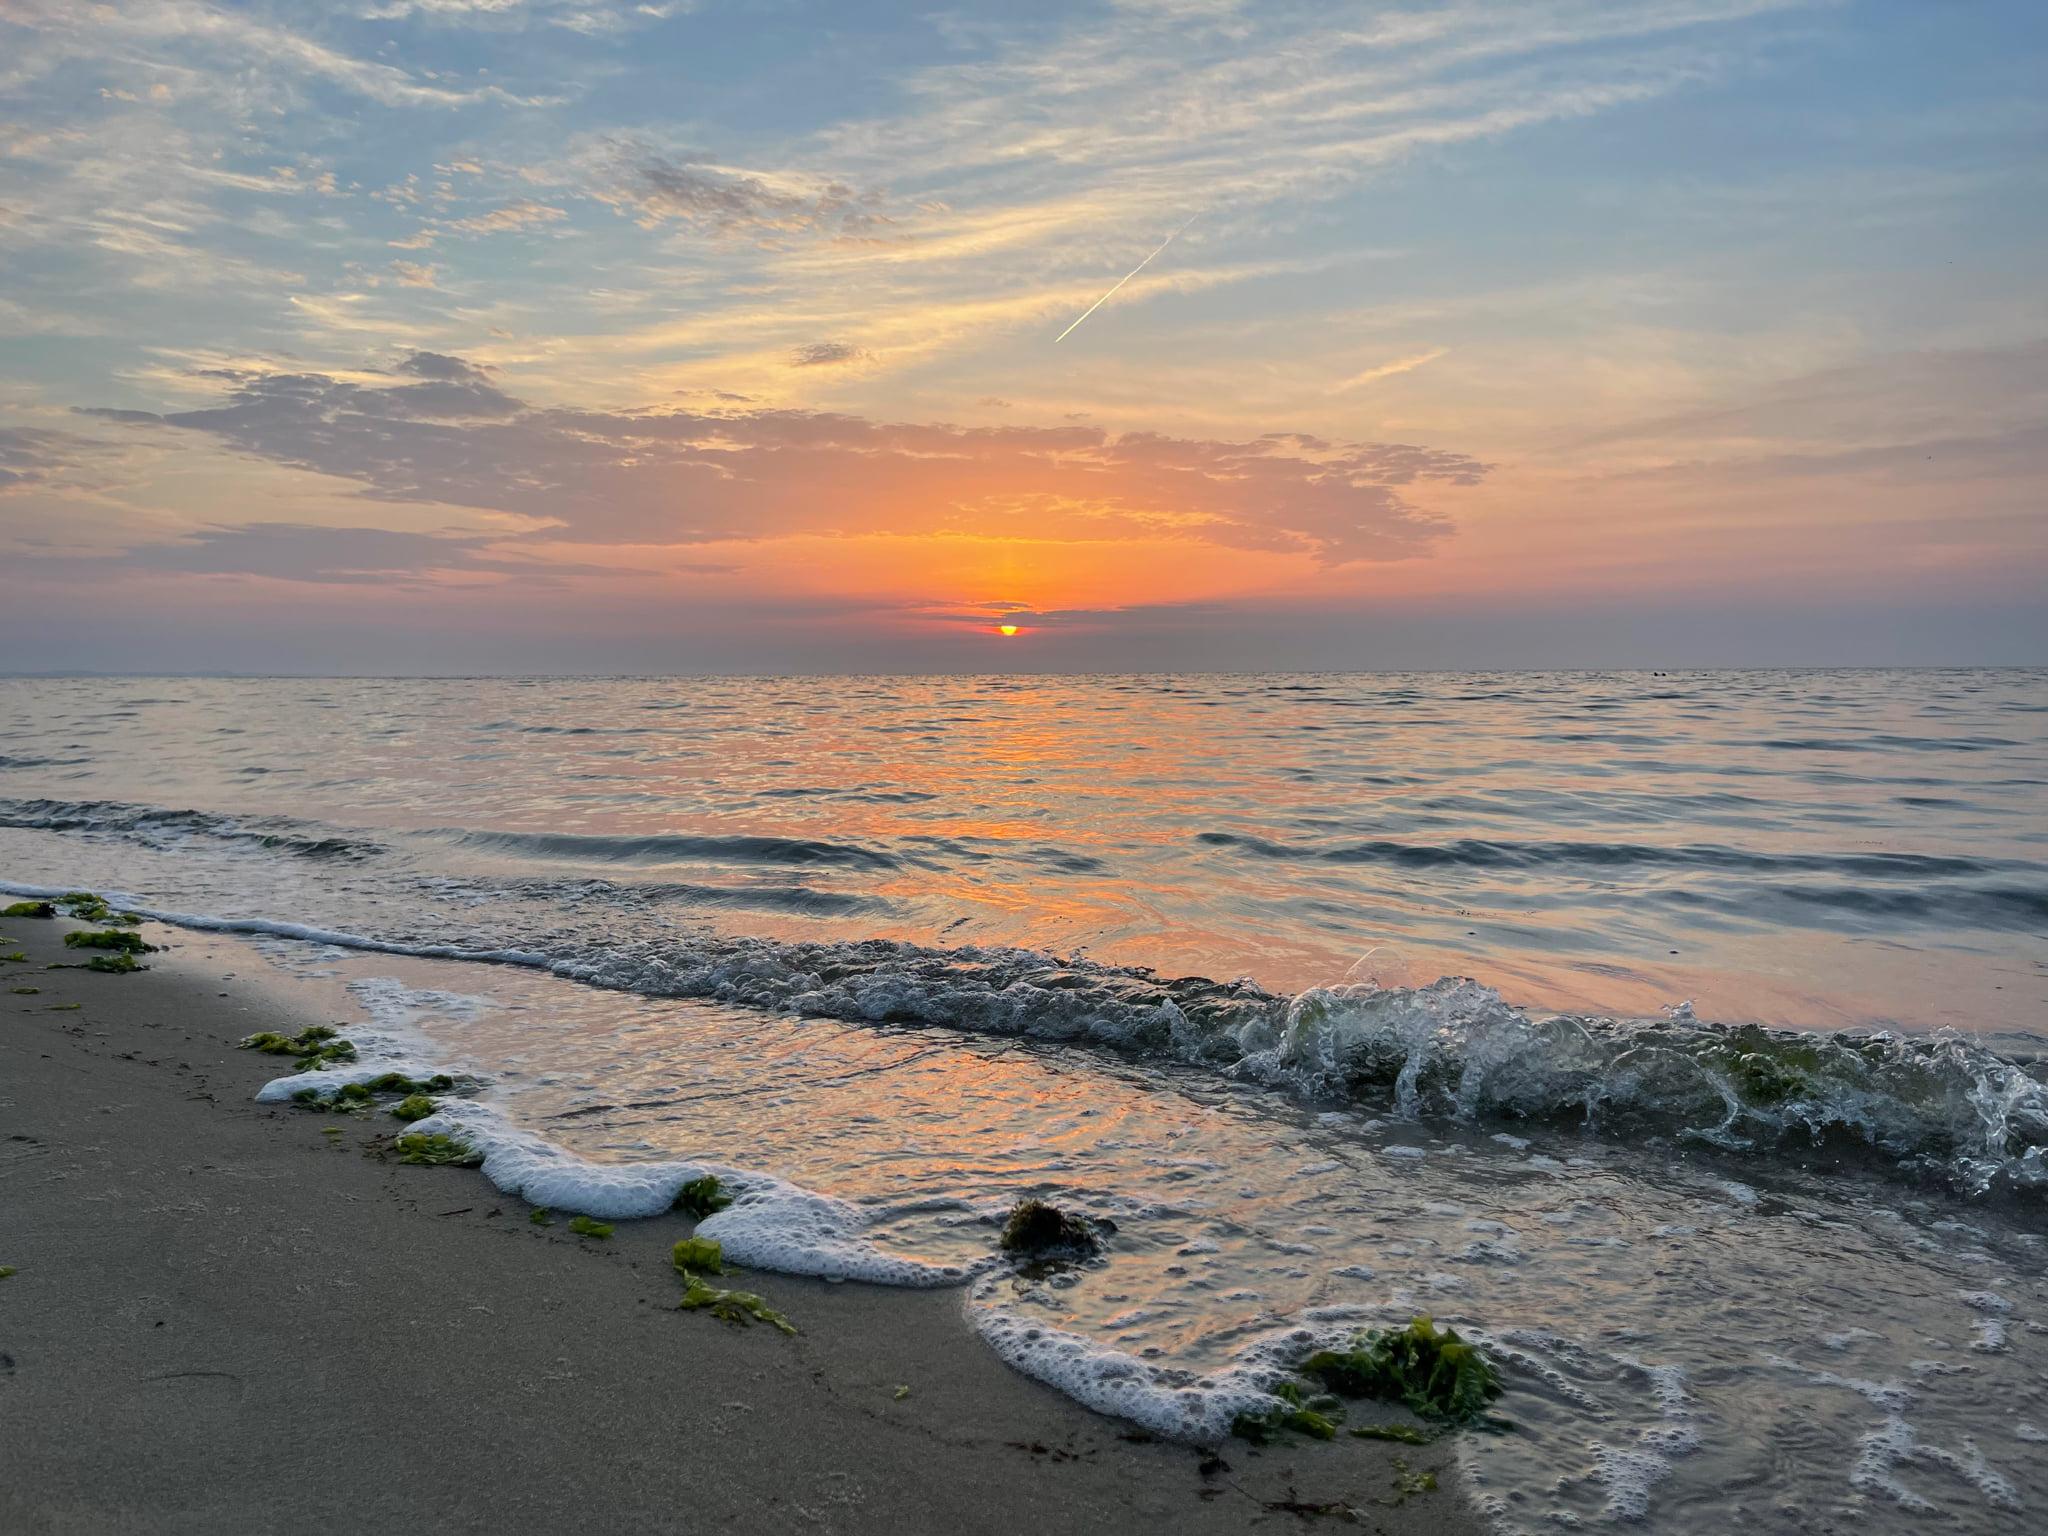 Morgens um 5 Uhr im Juli 2021 am Wattenmeer in der Braderuper Heide